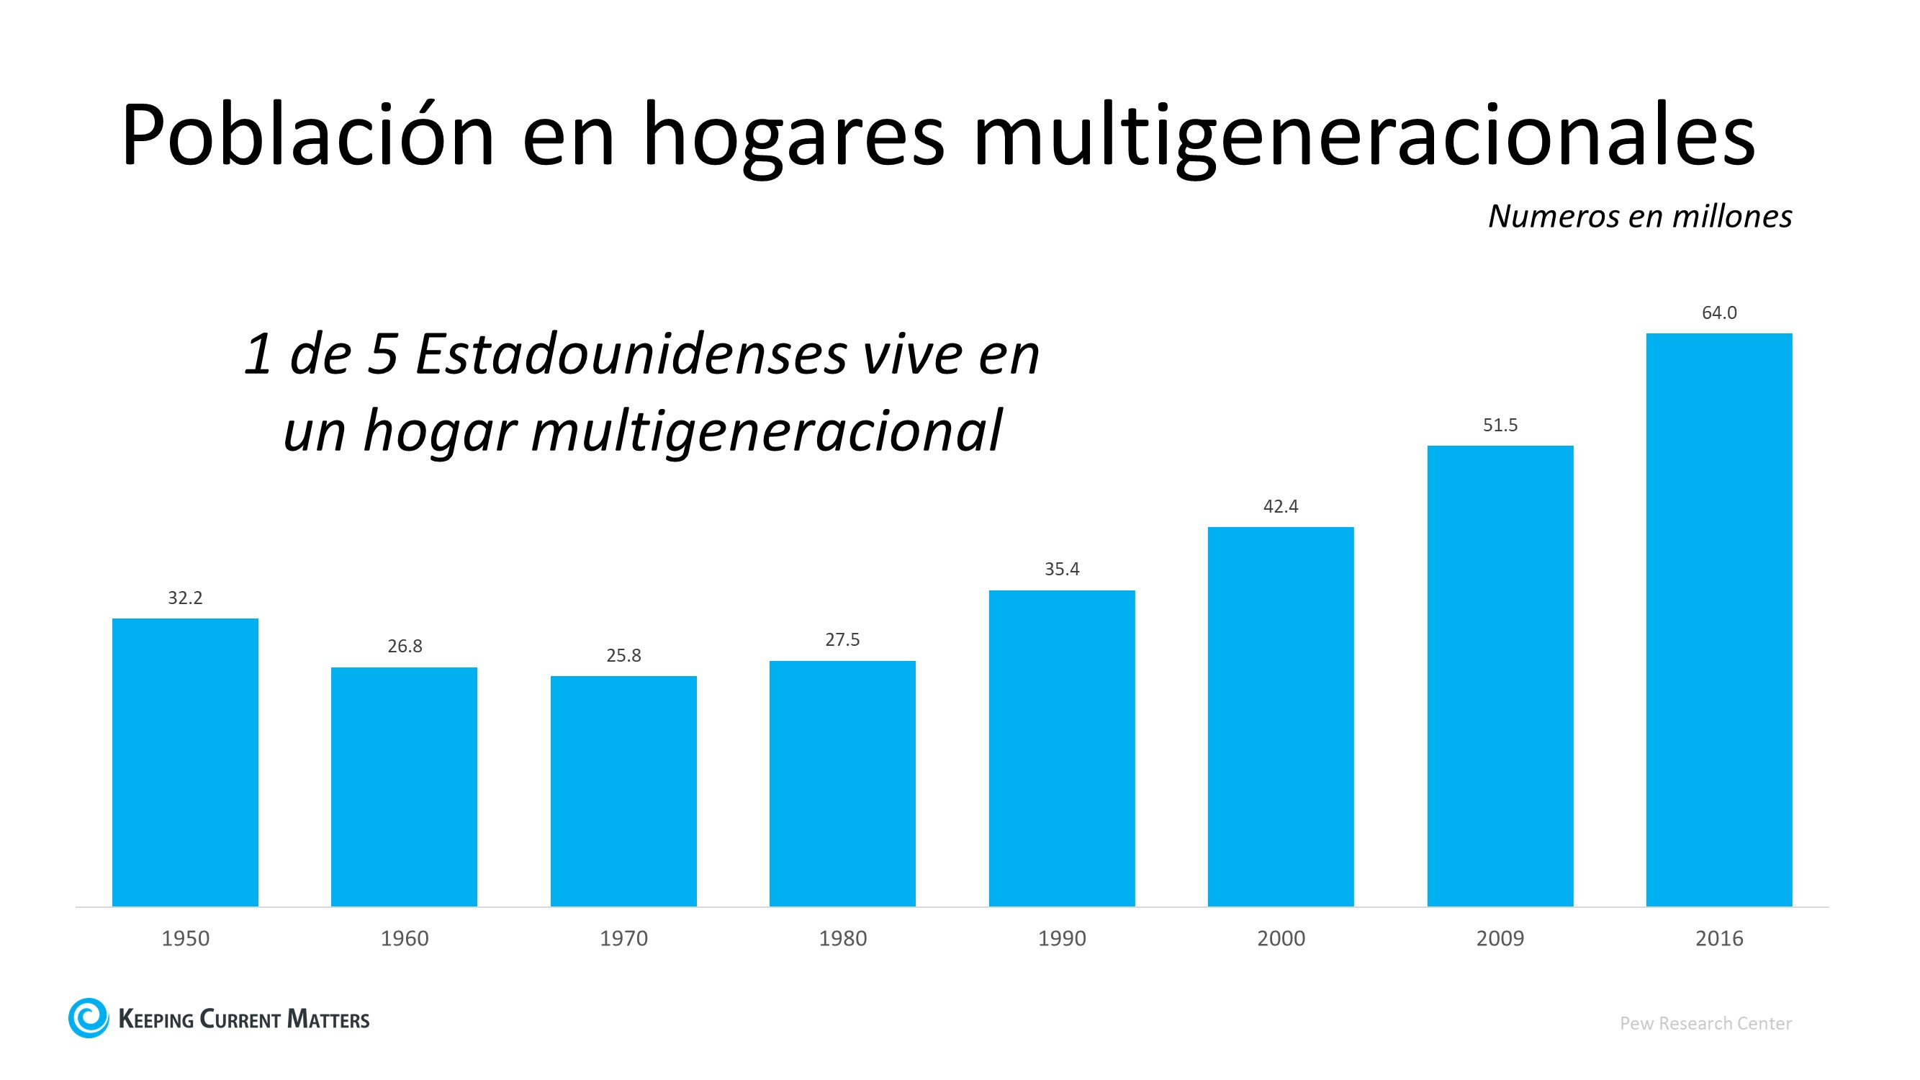 Los hogares multigeneracionales están en auge | Keeping Current Matters